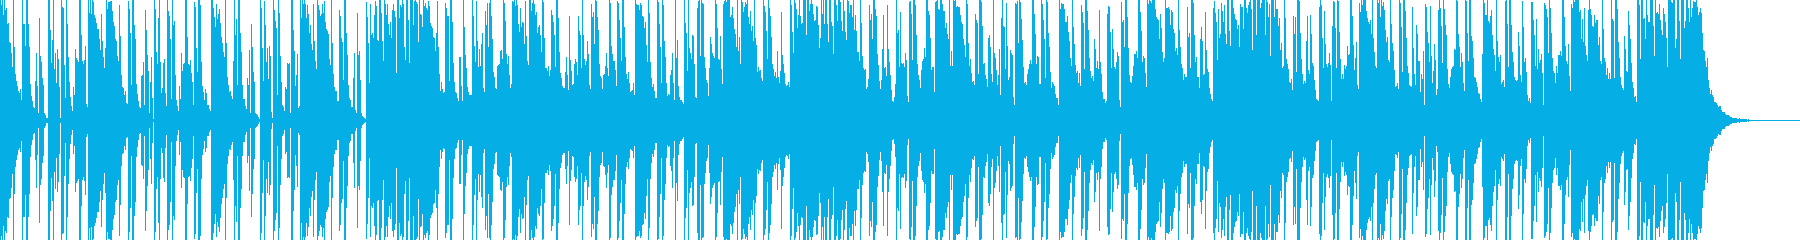 ダークなブラスとスクラッチヒップホップdの再生済みの波形